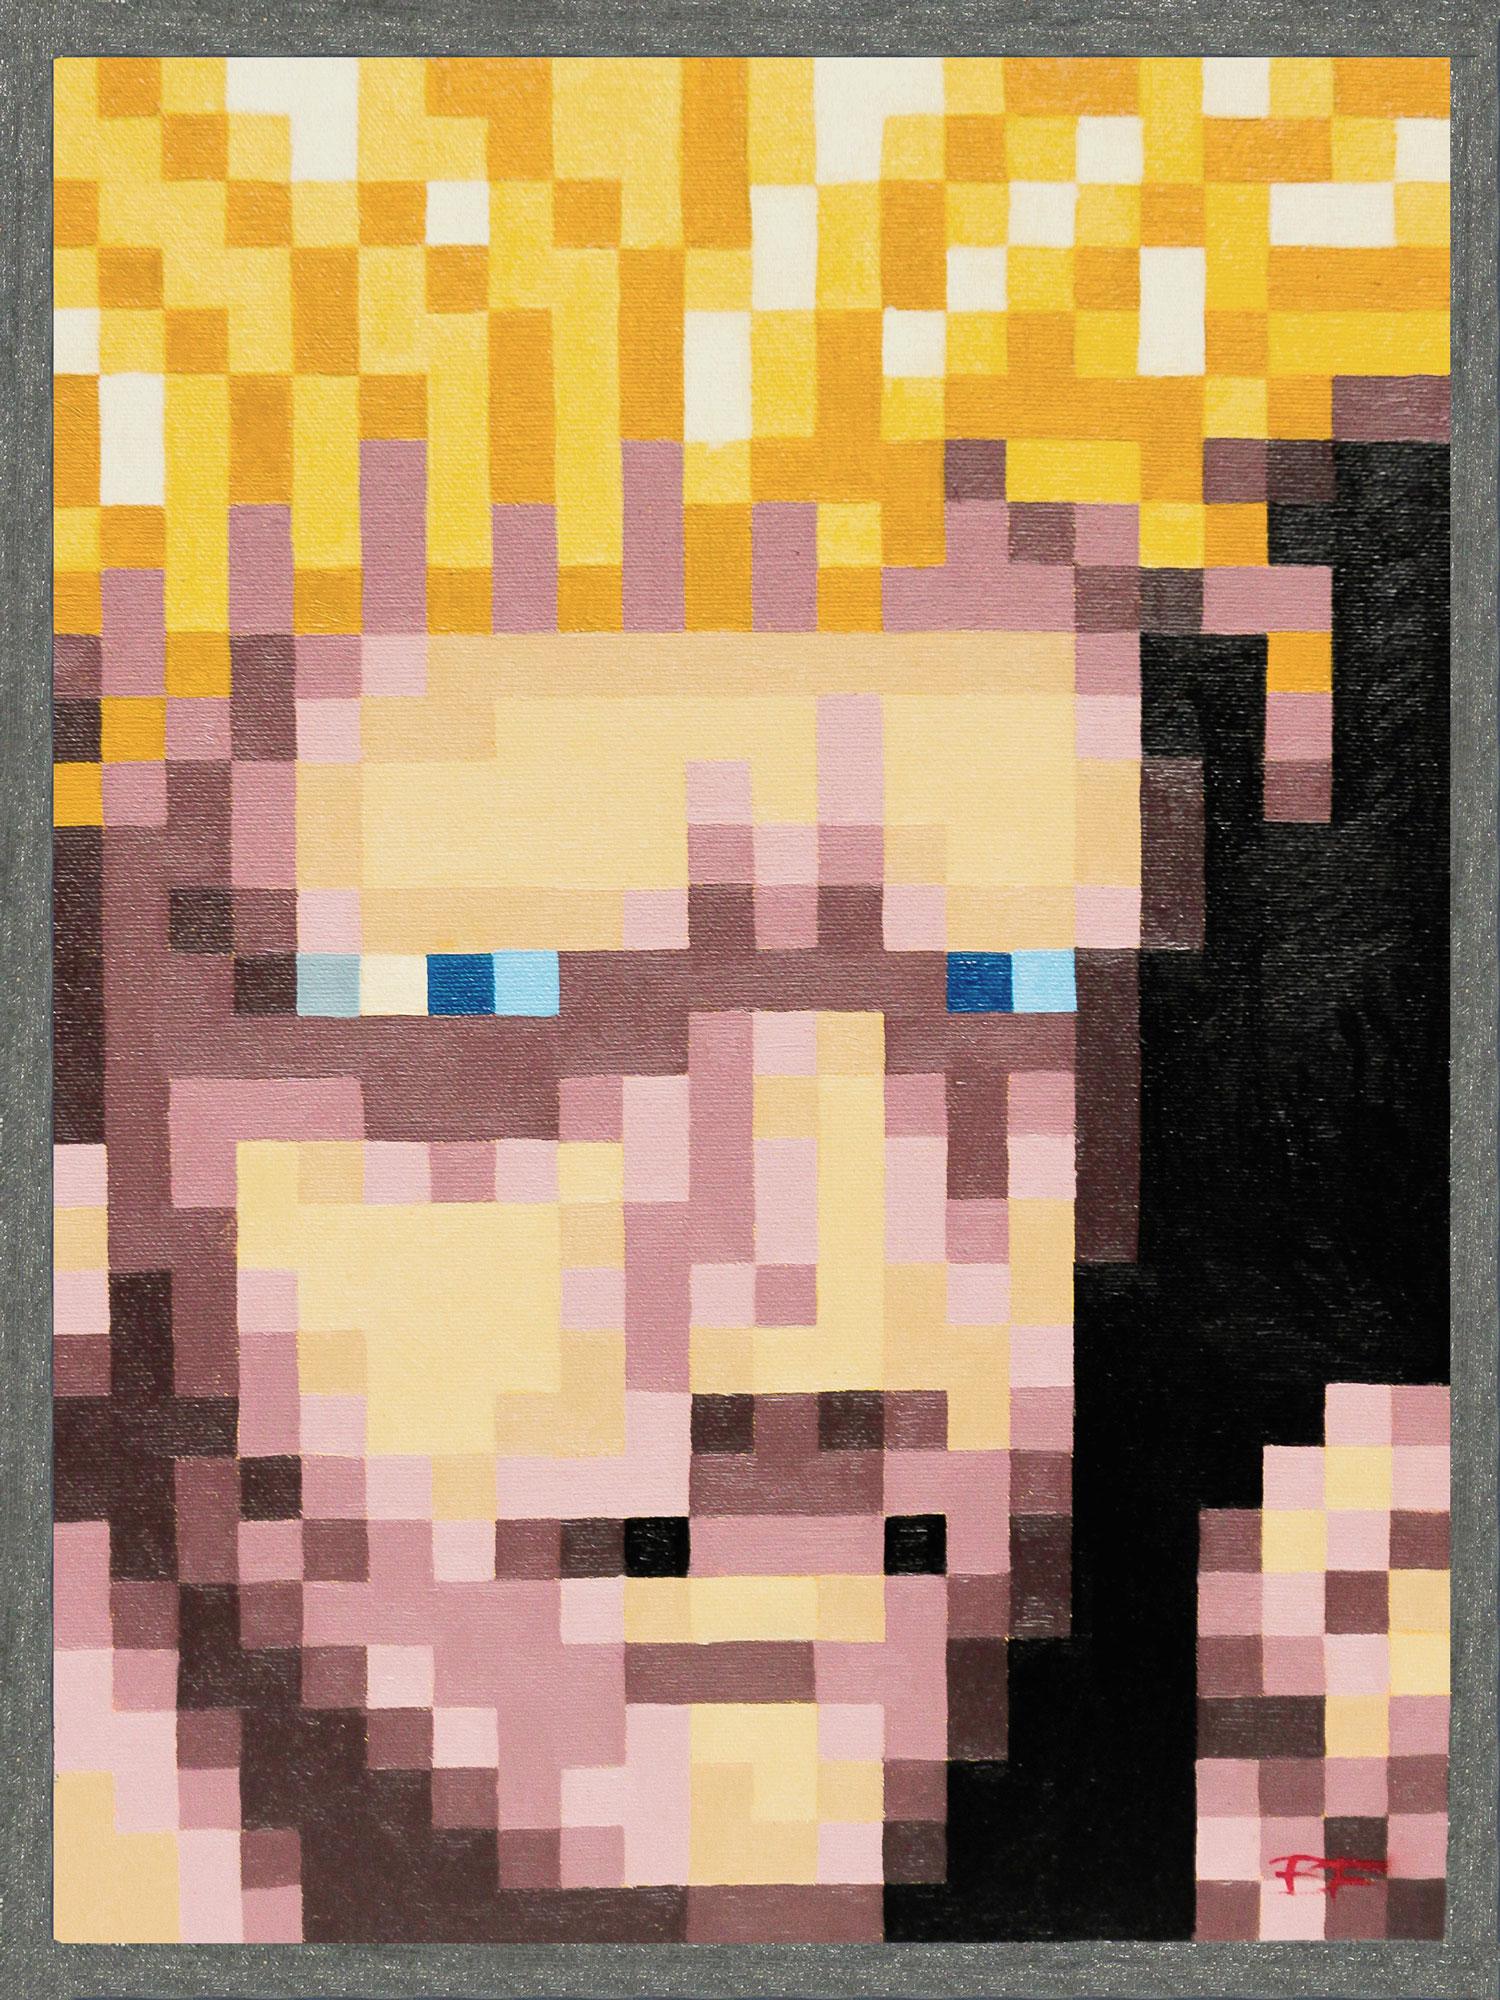 Guile Pixel Perfect Portrait